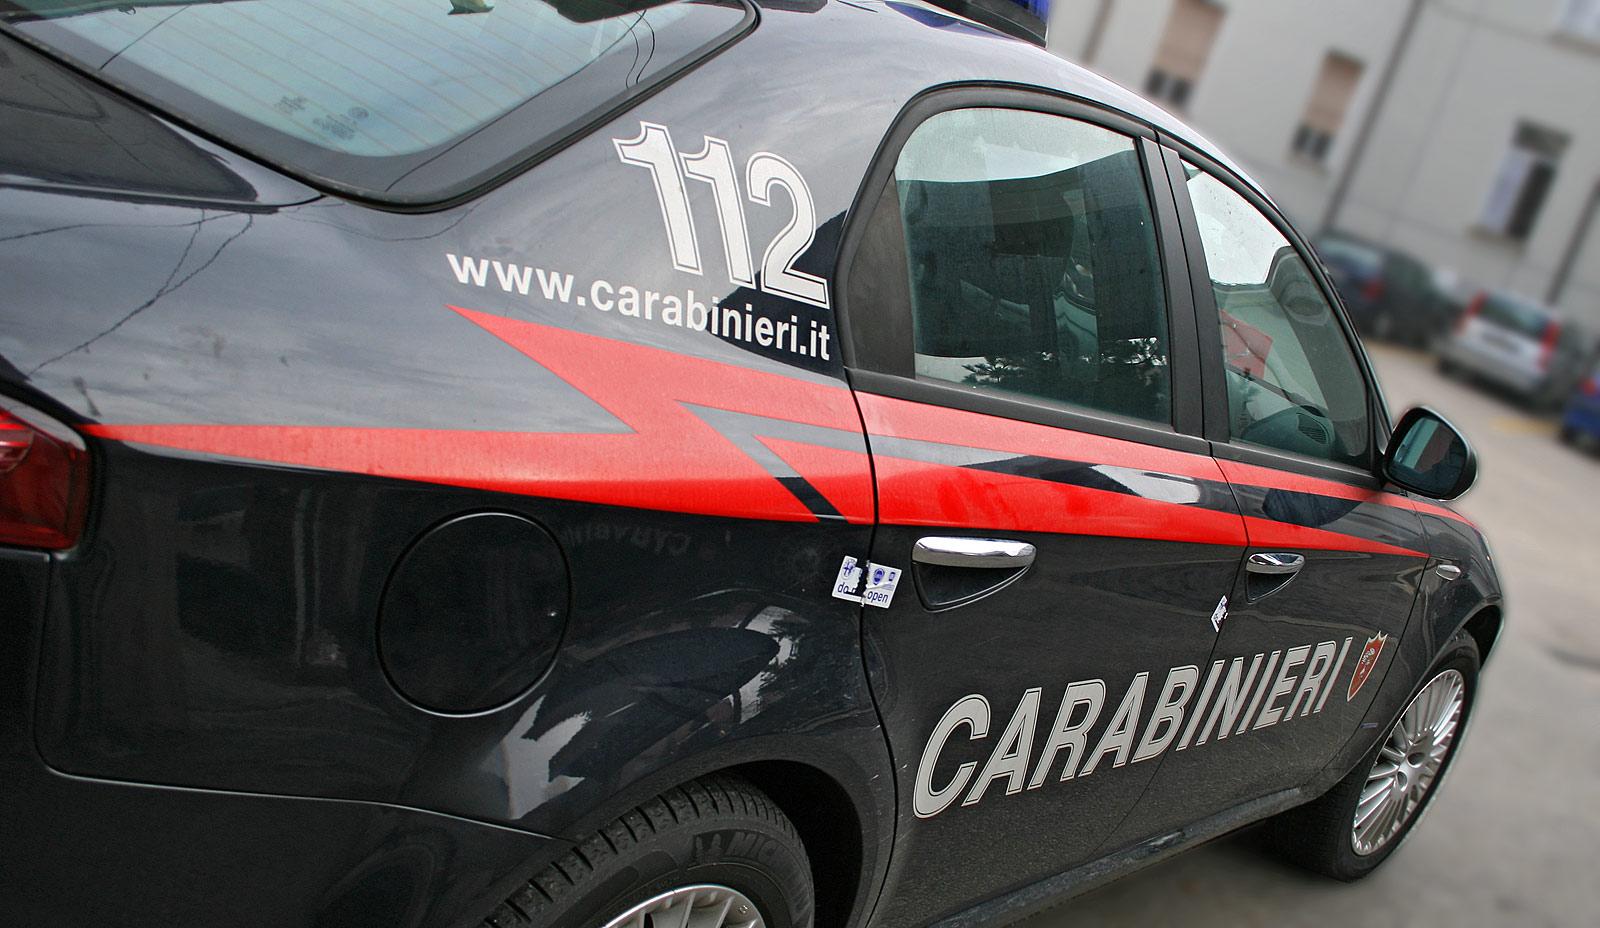 carabinierigazzella